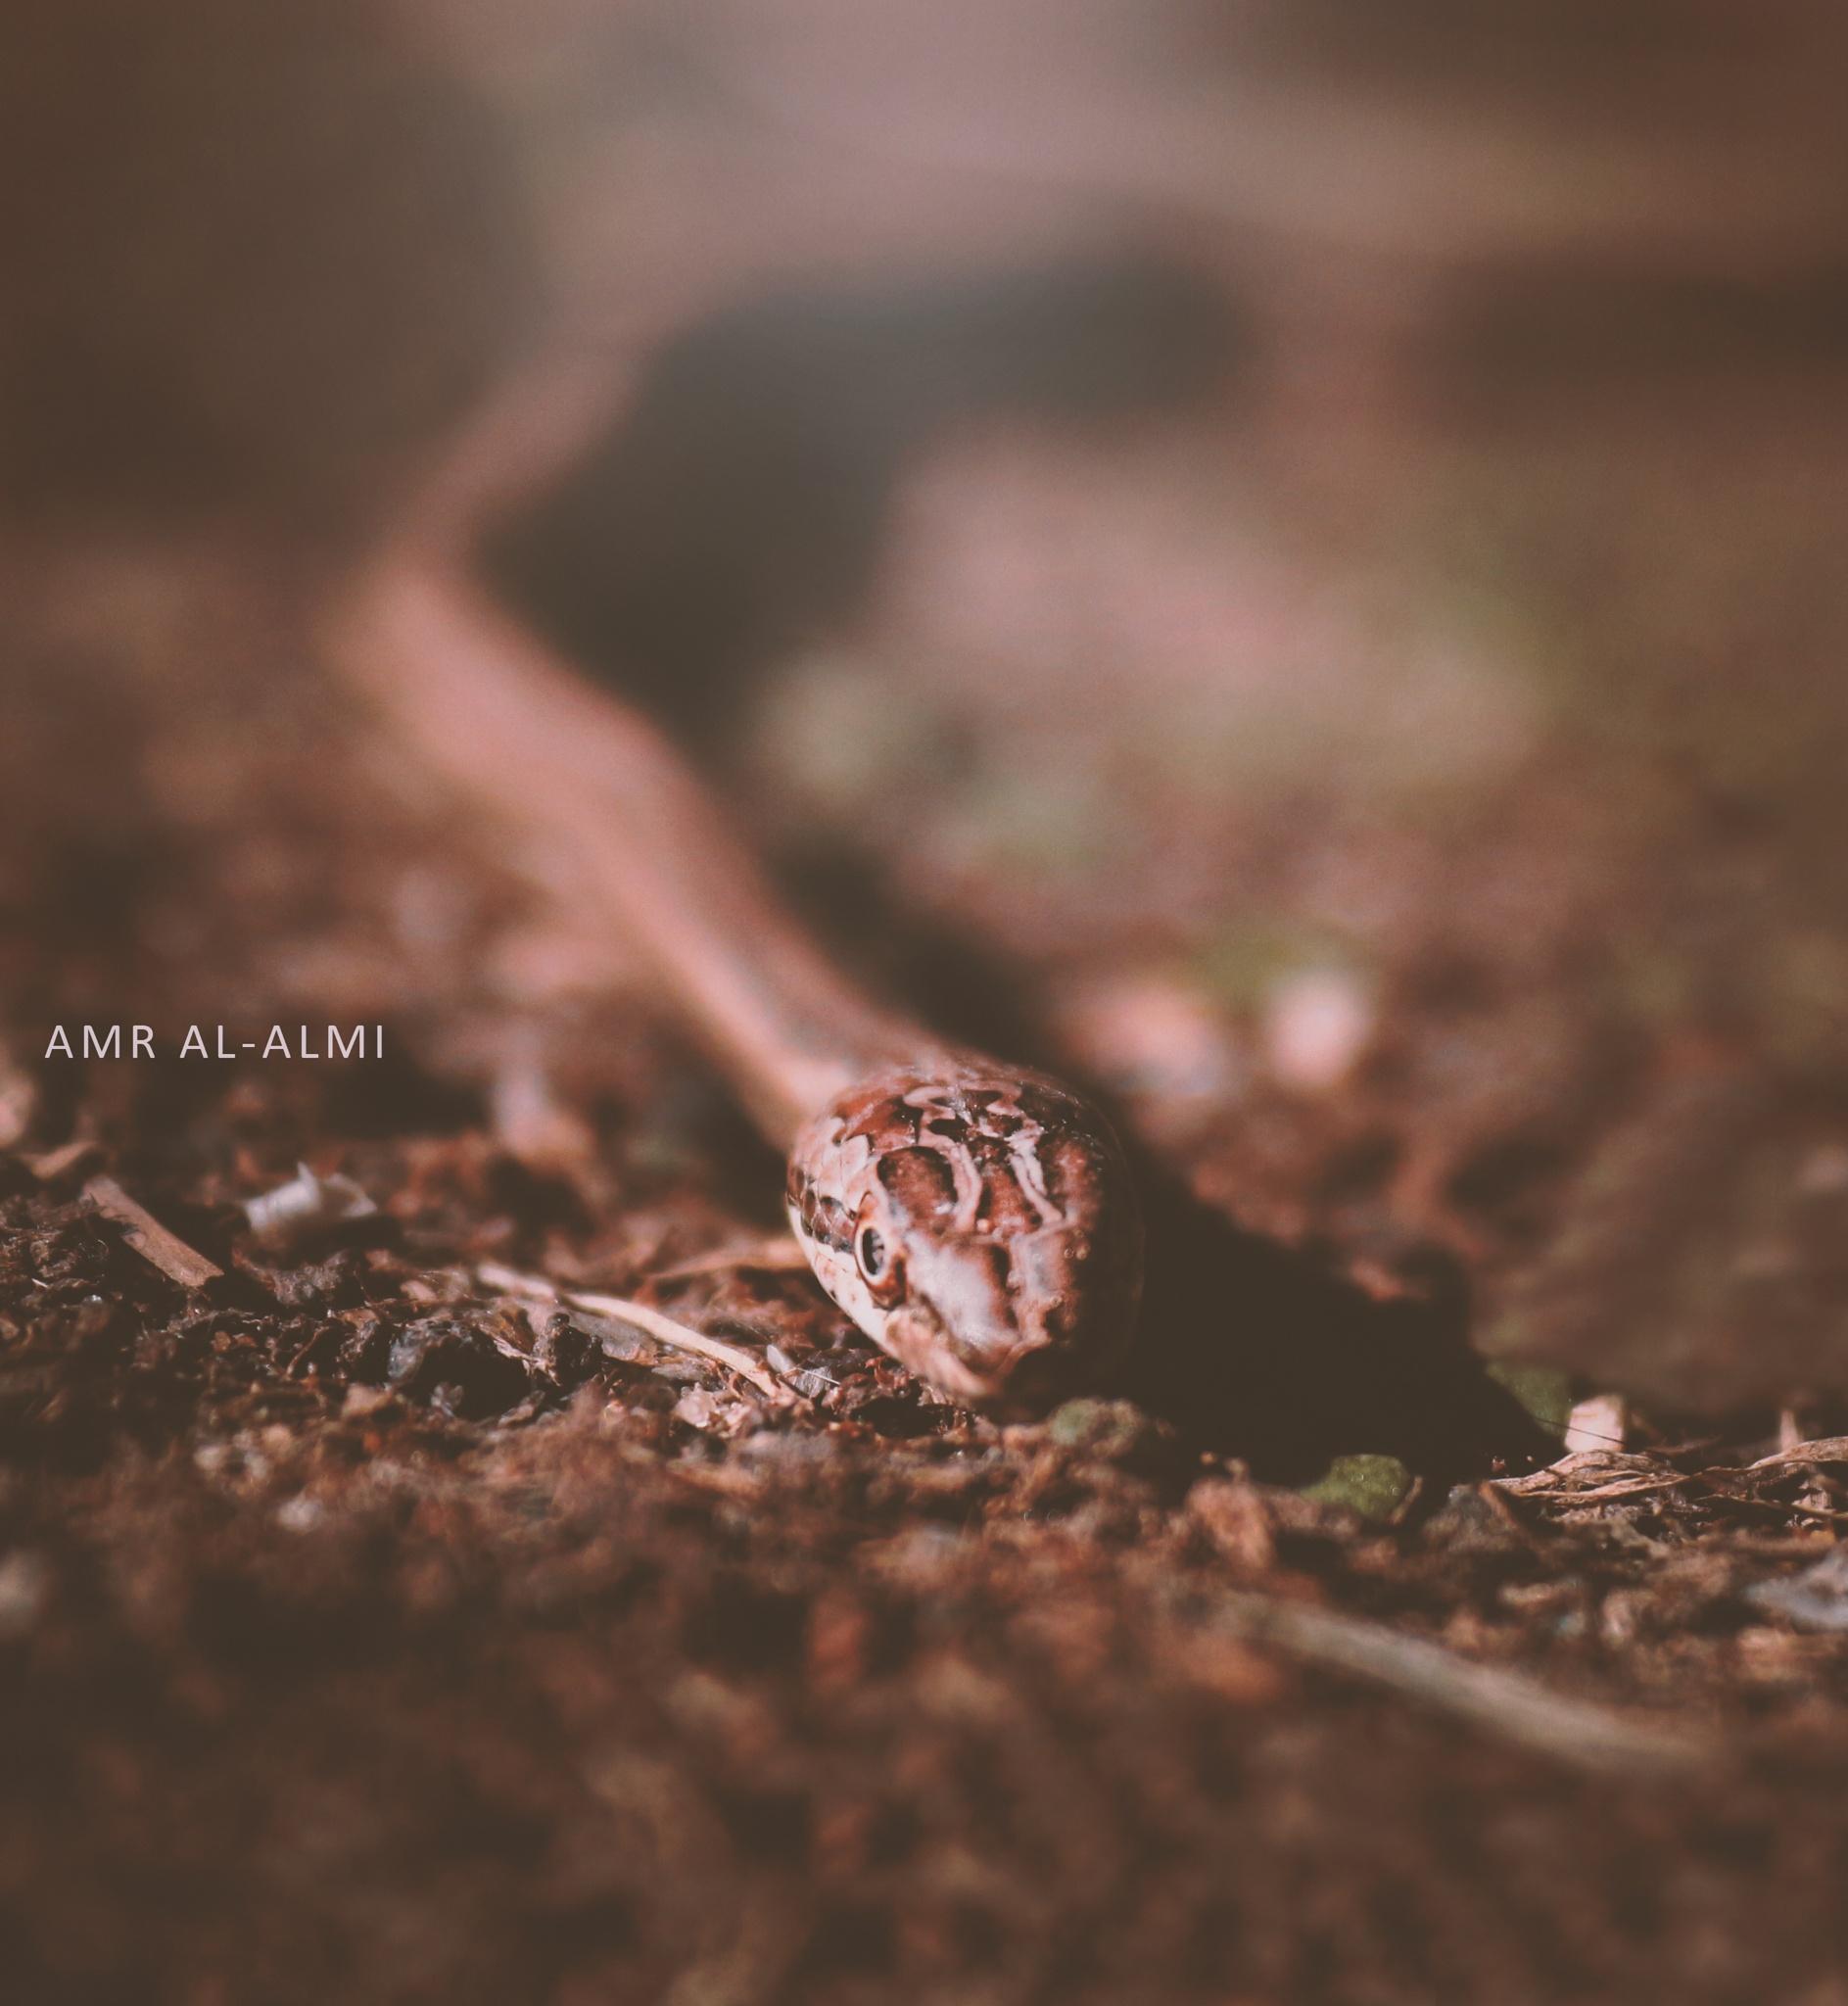 o by Amr Al-almi